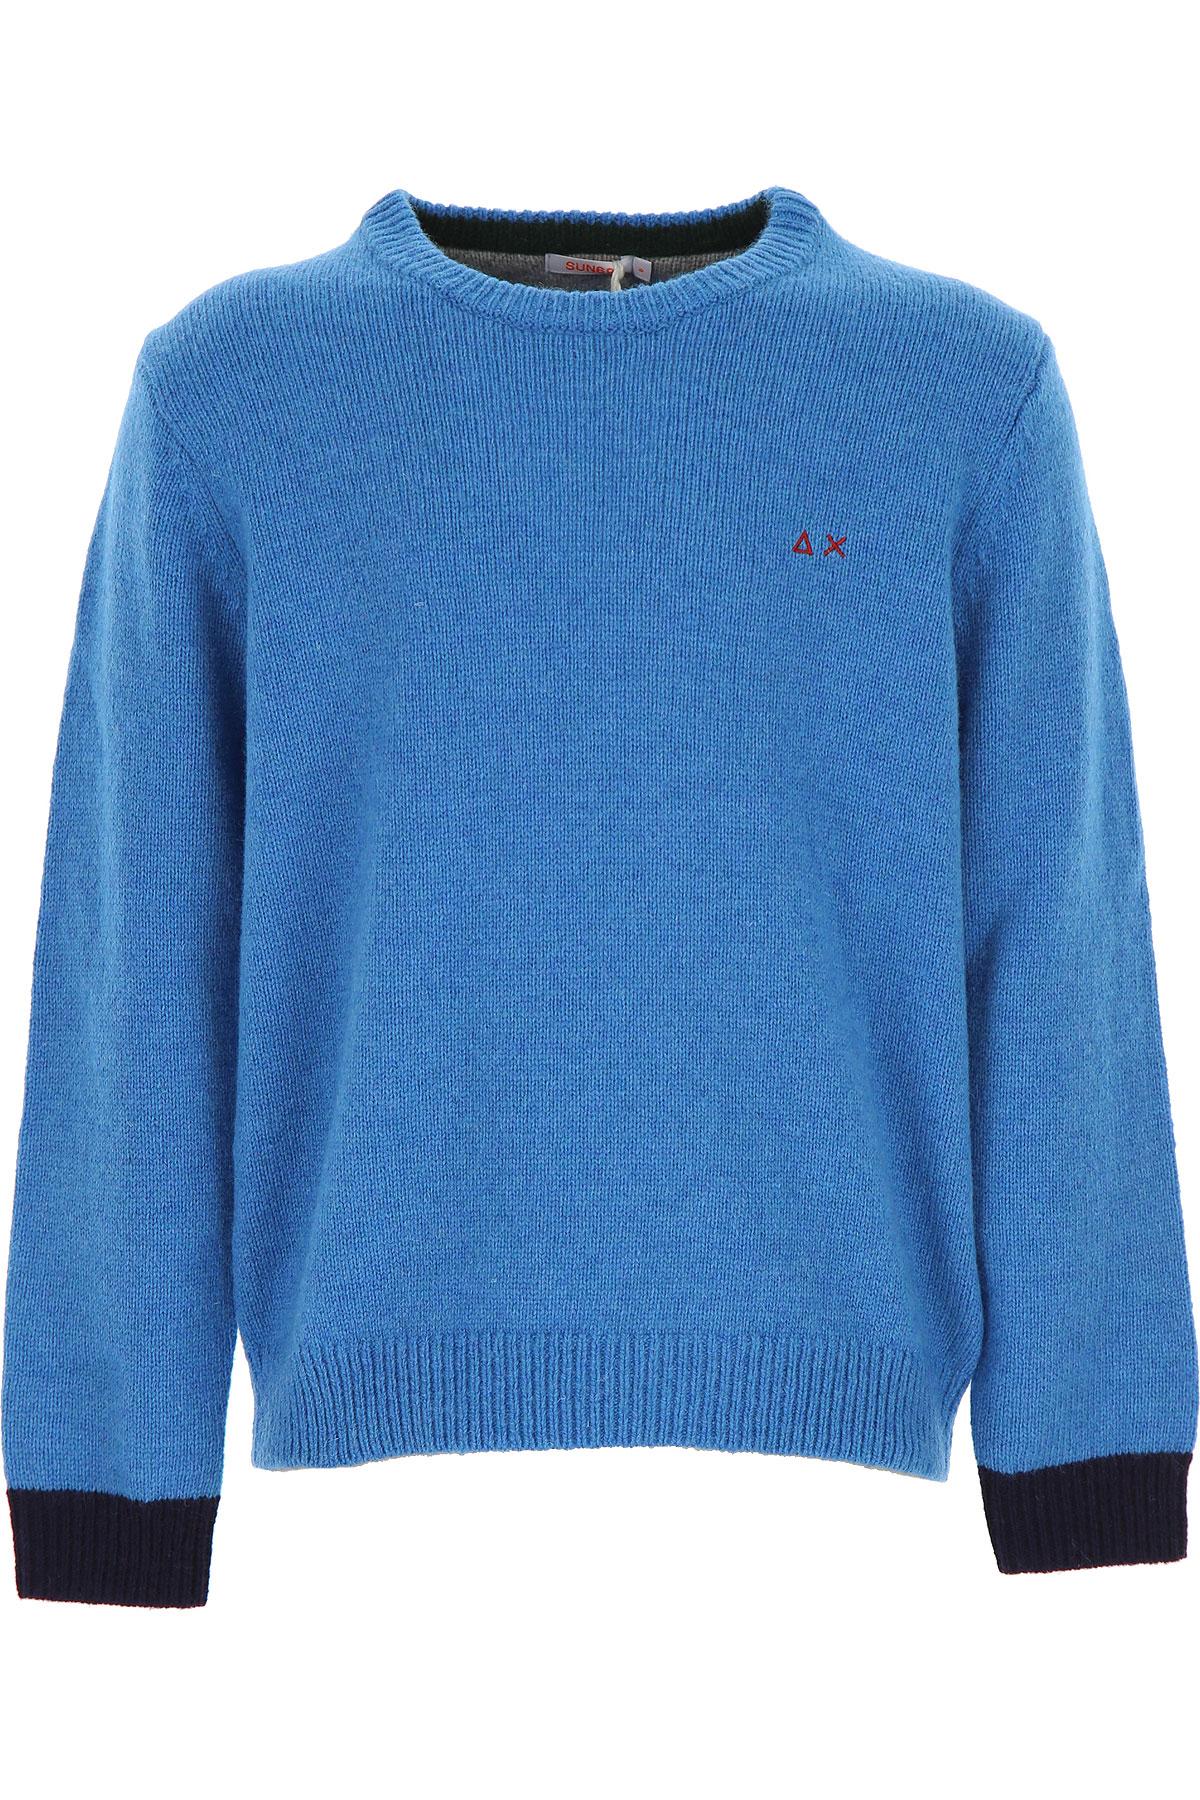 Sun68 Kids Sweaters for Boys On Sale, Skyblue, Wool, 2019, 12Y 2Y 4Y 6Y 8Y